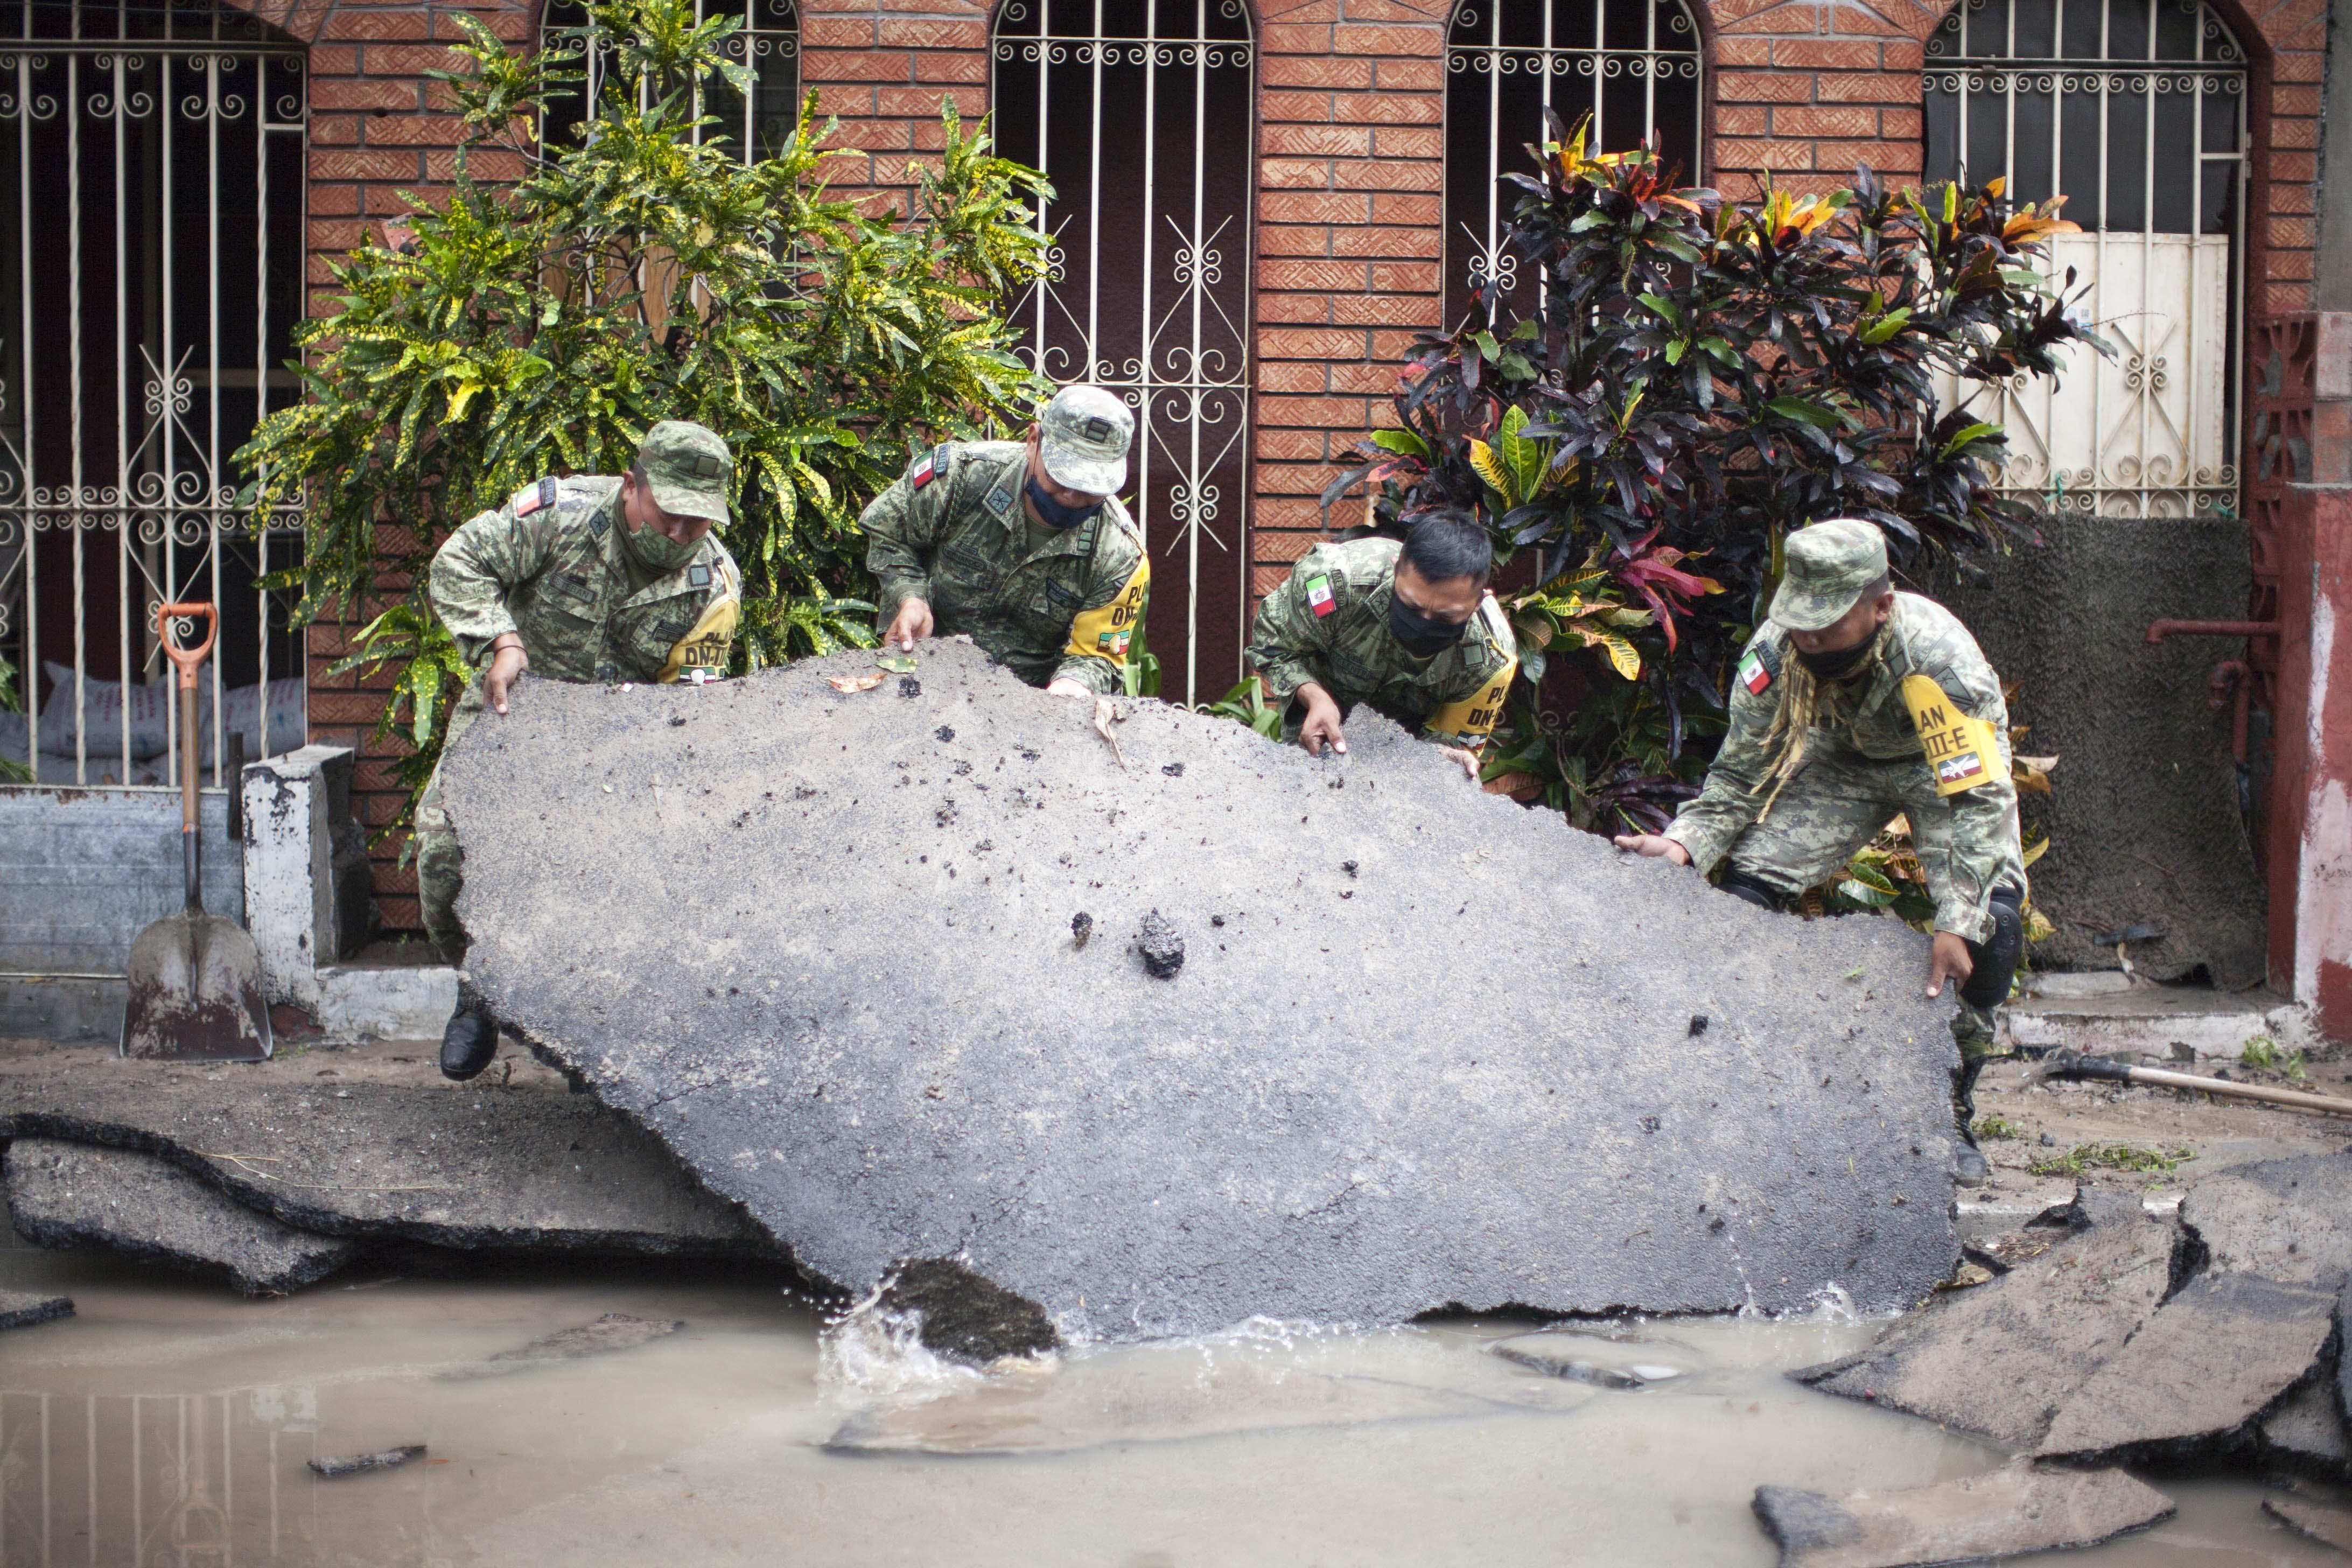 Miembros del ejército mexicano realizan trabajos de limpieza después de las fuertes lluvias por la tormenta Hanna en el área metropolitana de Monterrey, estado de Nuevo León, México, el 27 de julio de 2020.